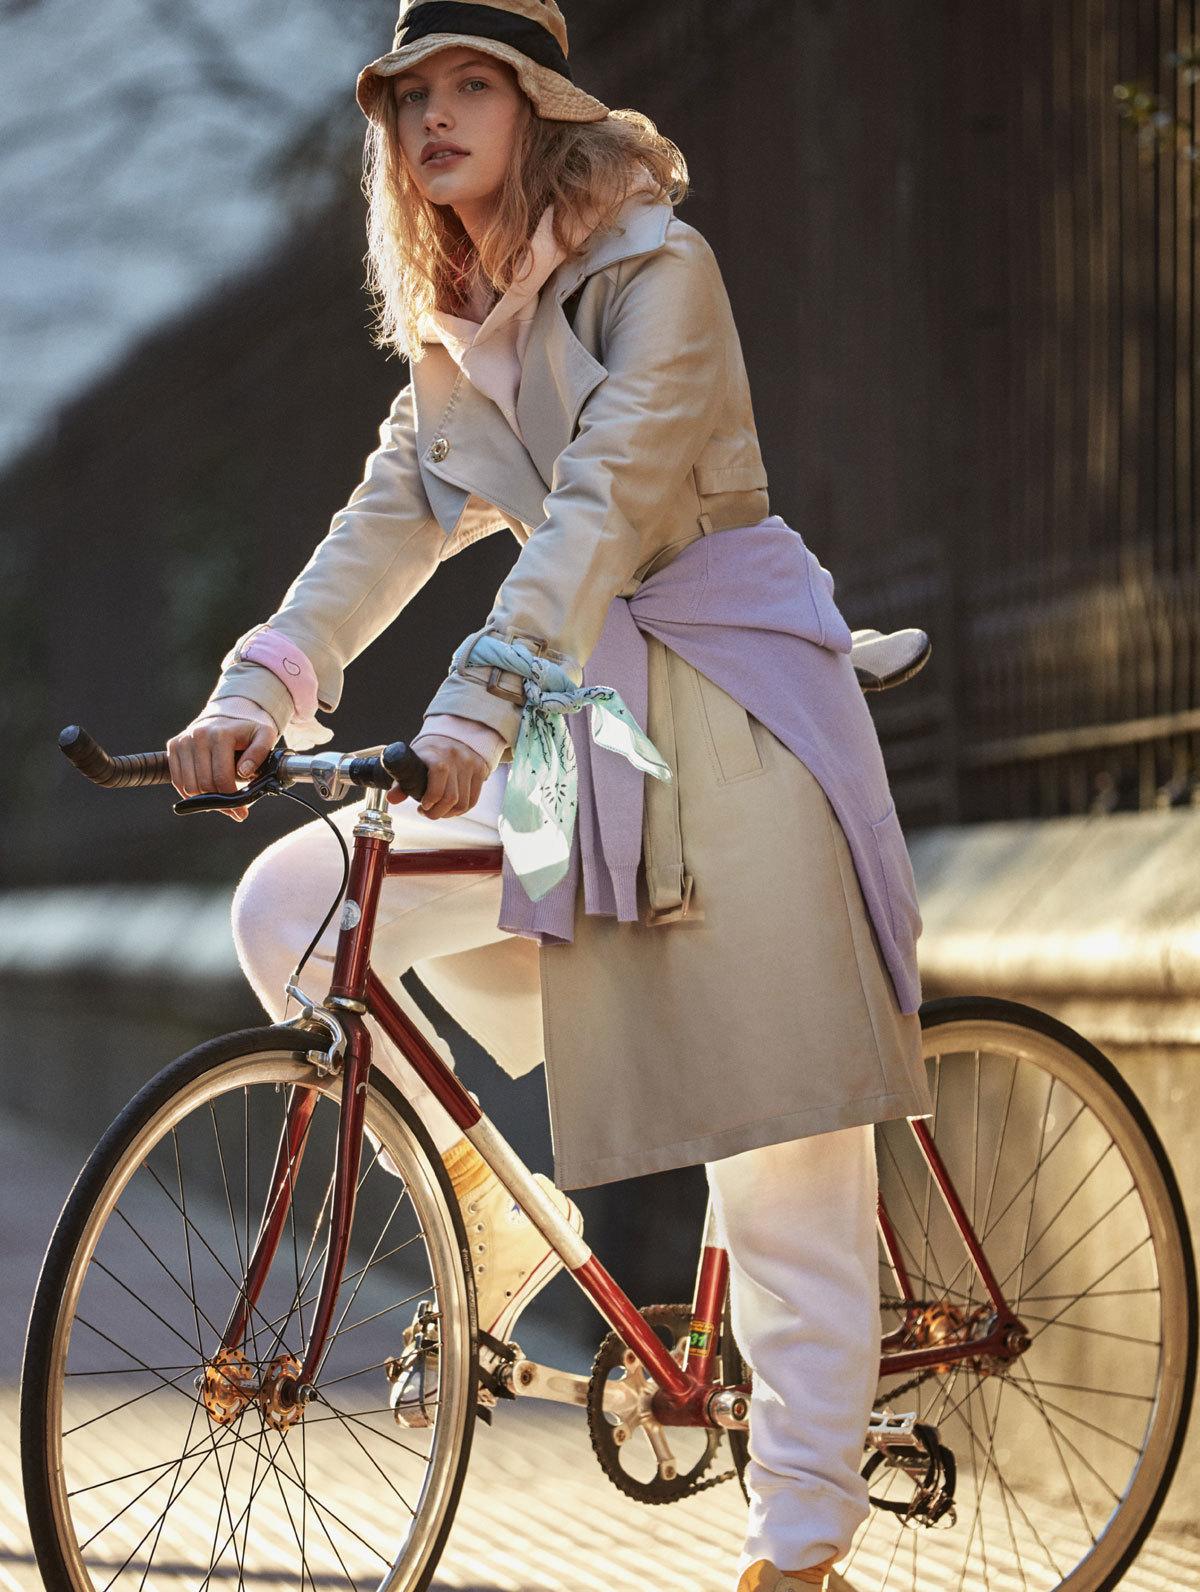 Muévete en bicicleta, caminando o transporte público.